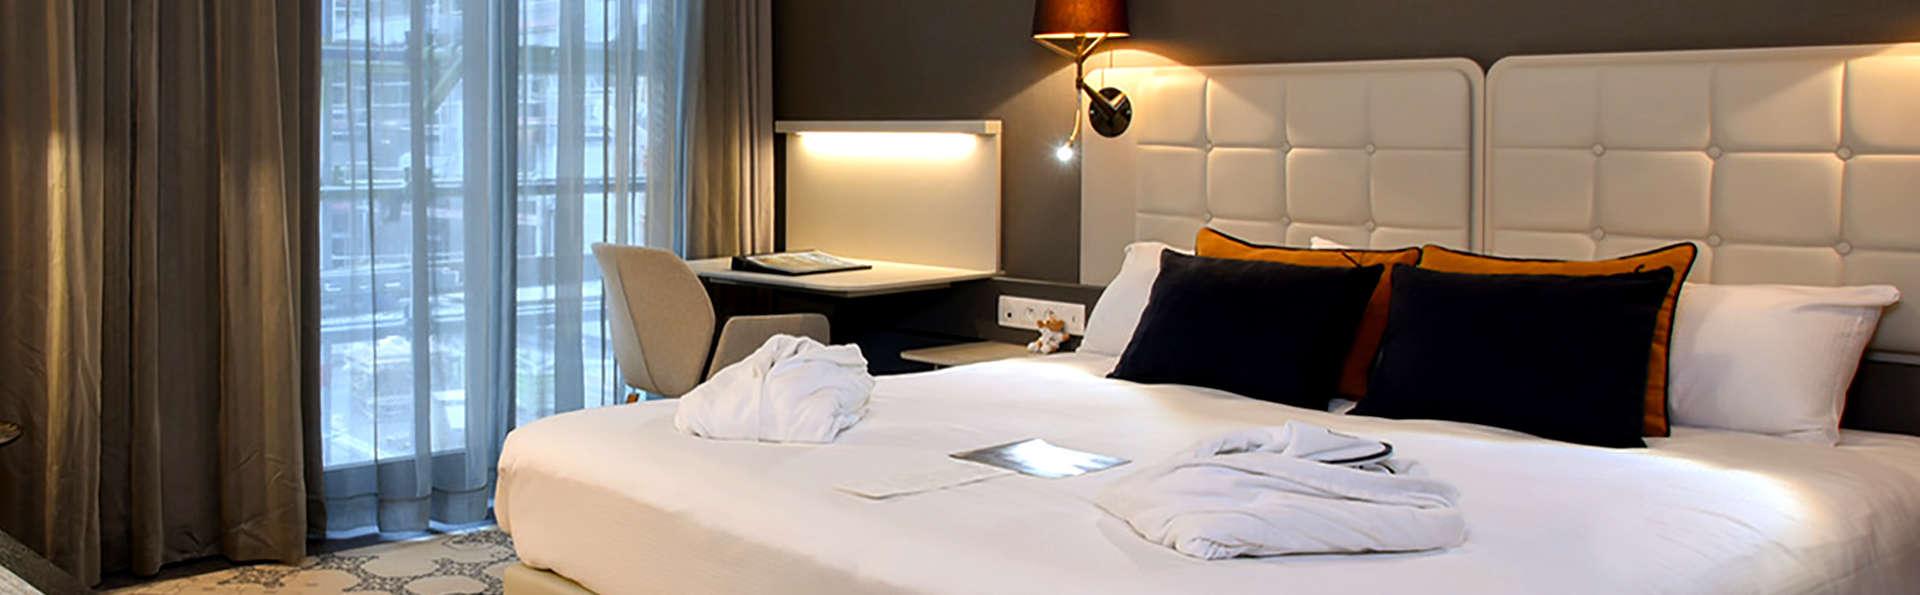 Design, benessere e relax a Louvain-La-Neuve